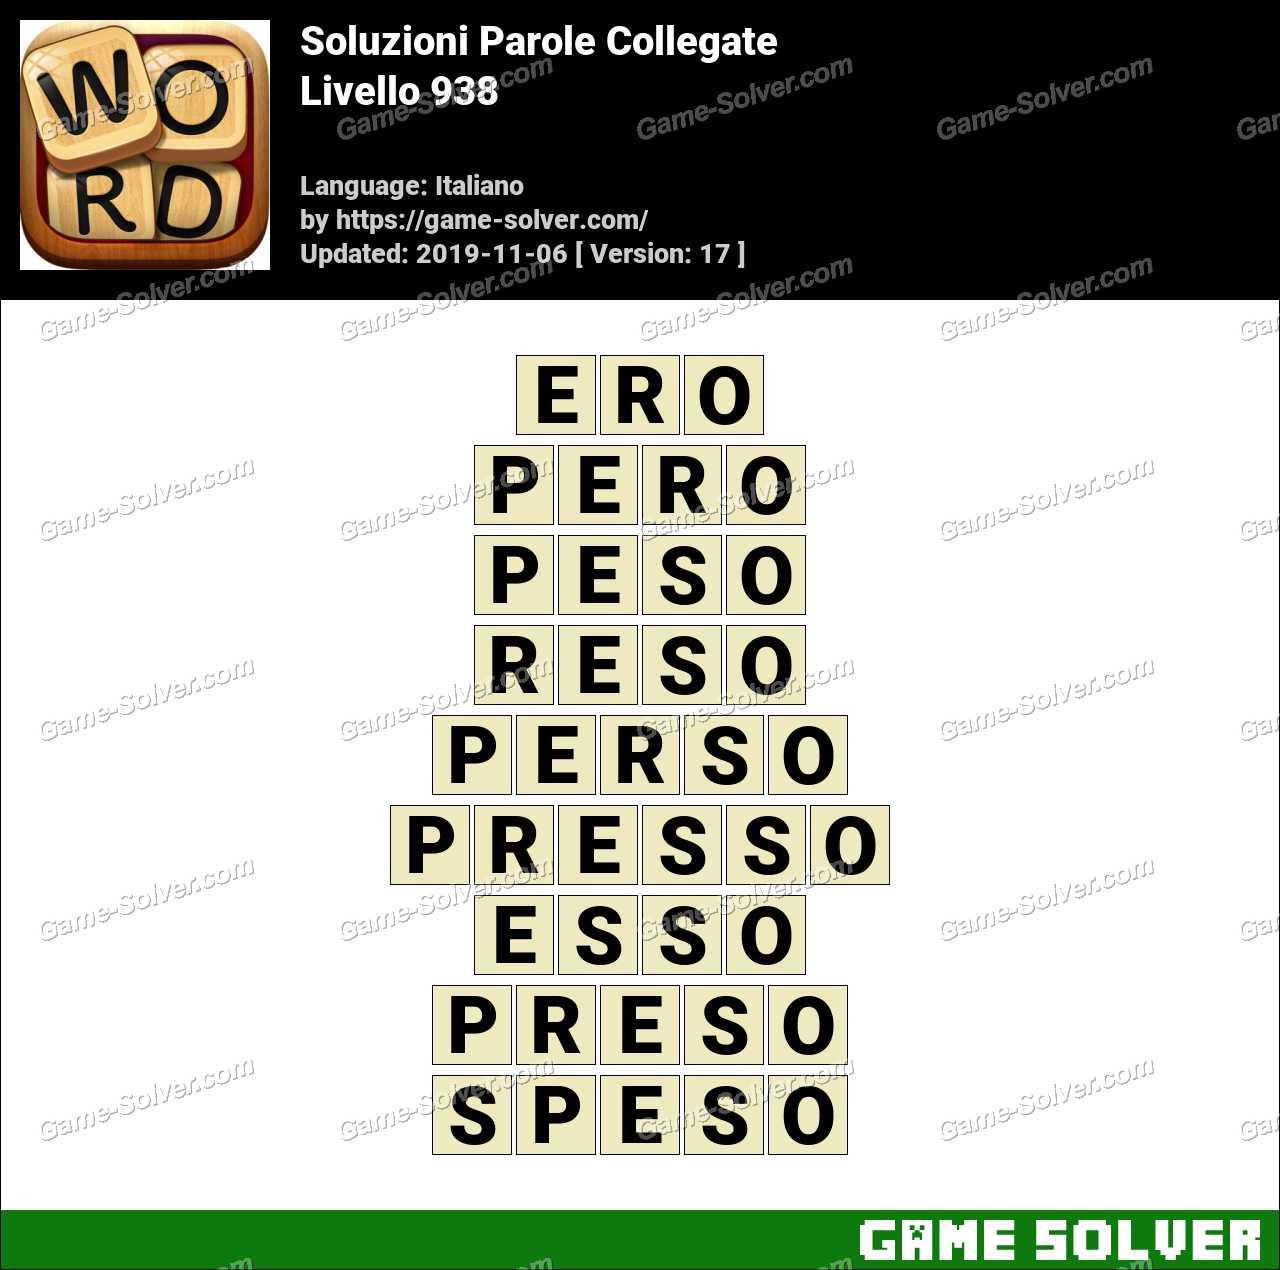 Soluzioni Parole Collegate Livello 938